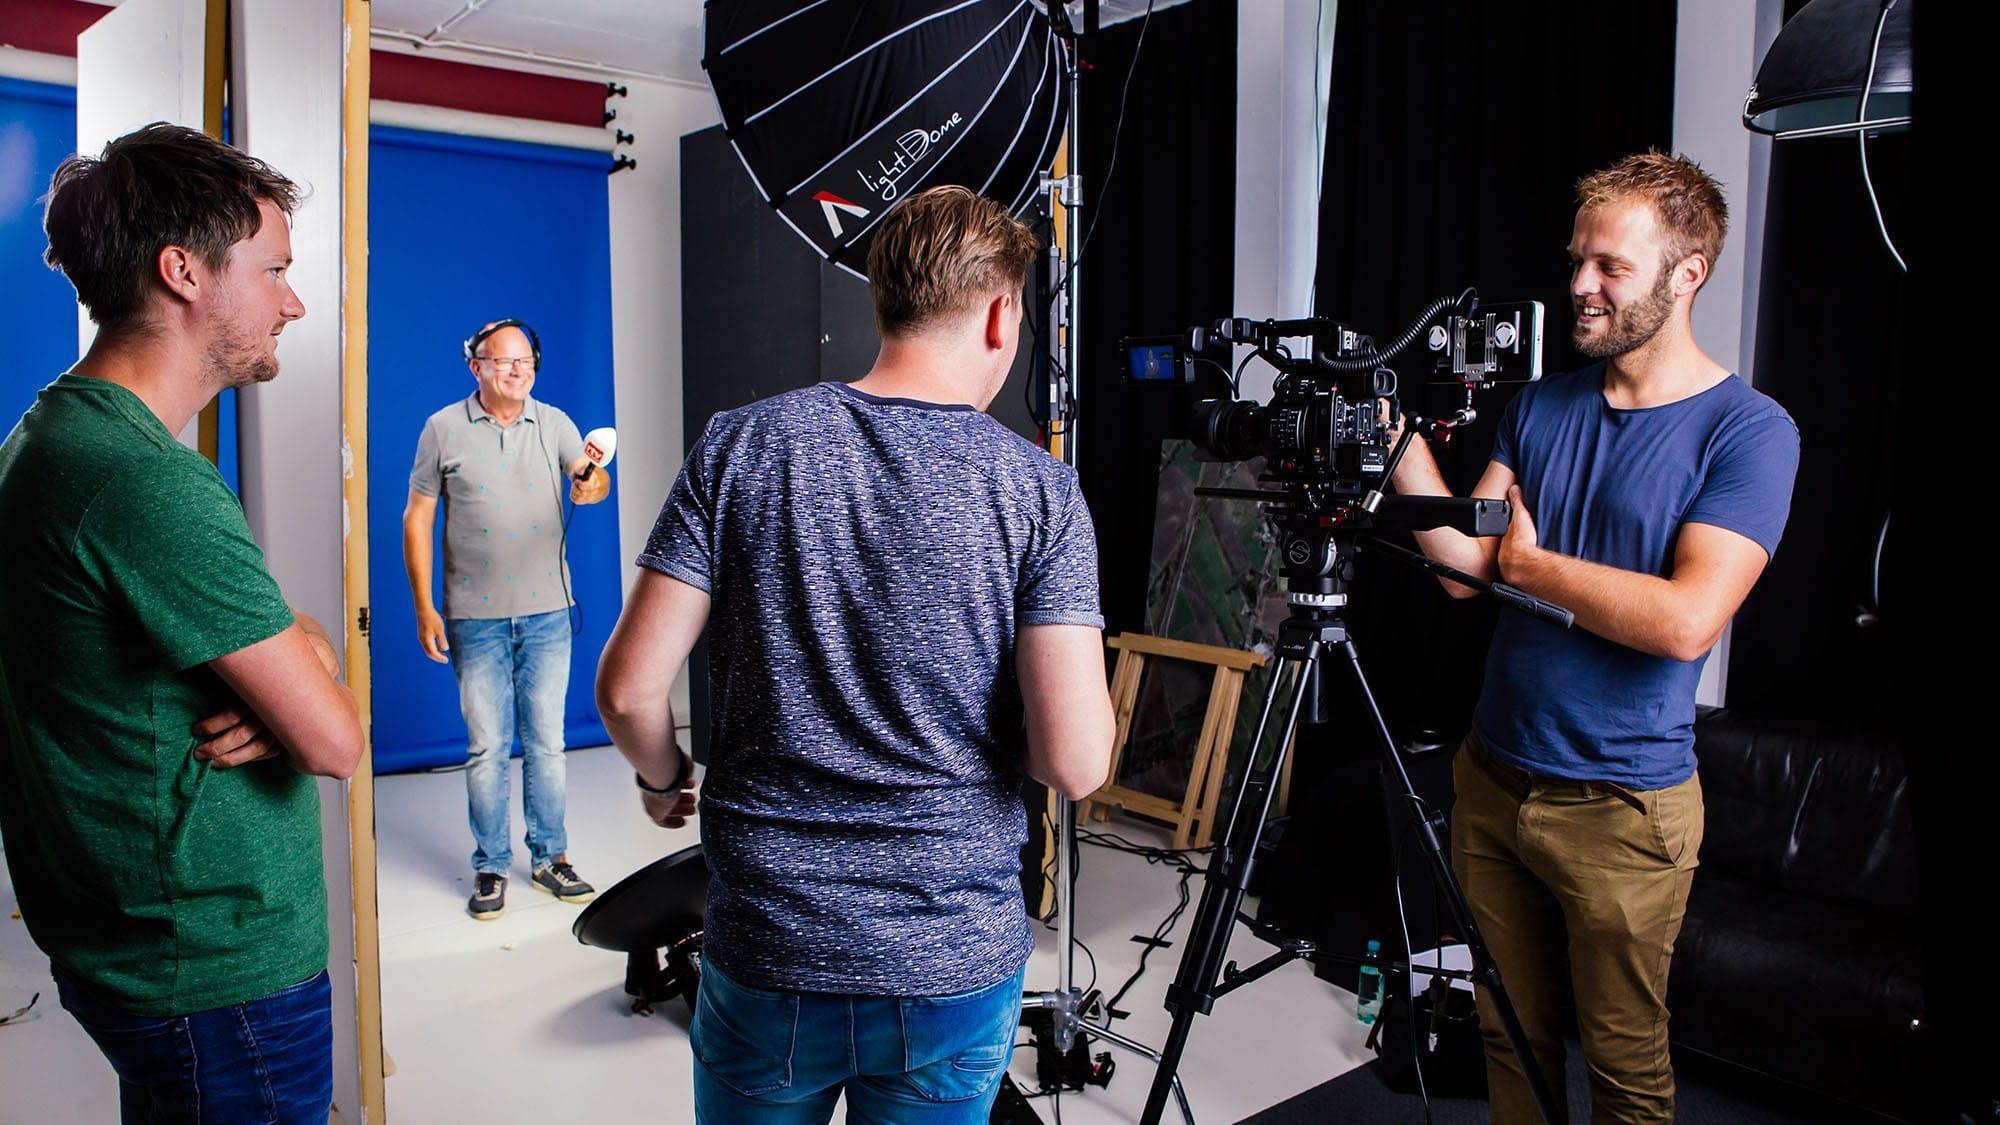 Studioopname voor commercial van RTV Drenthe